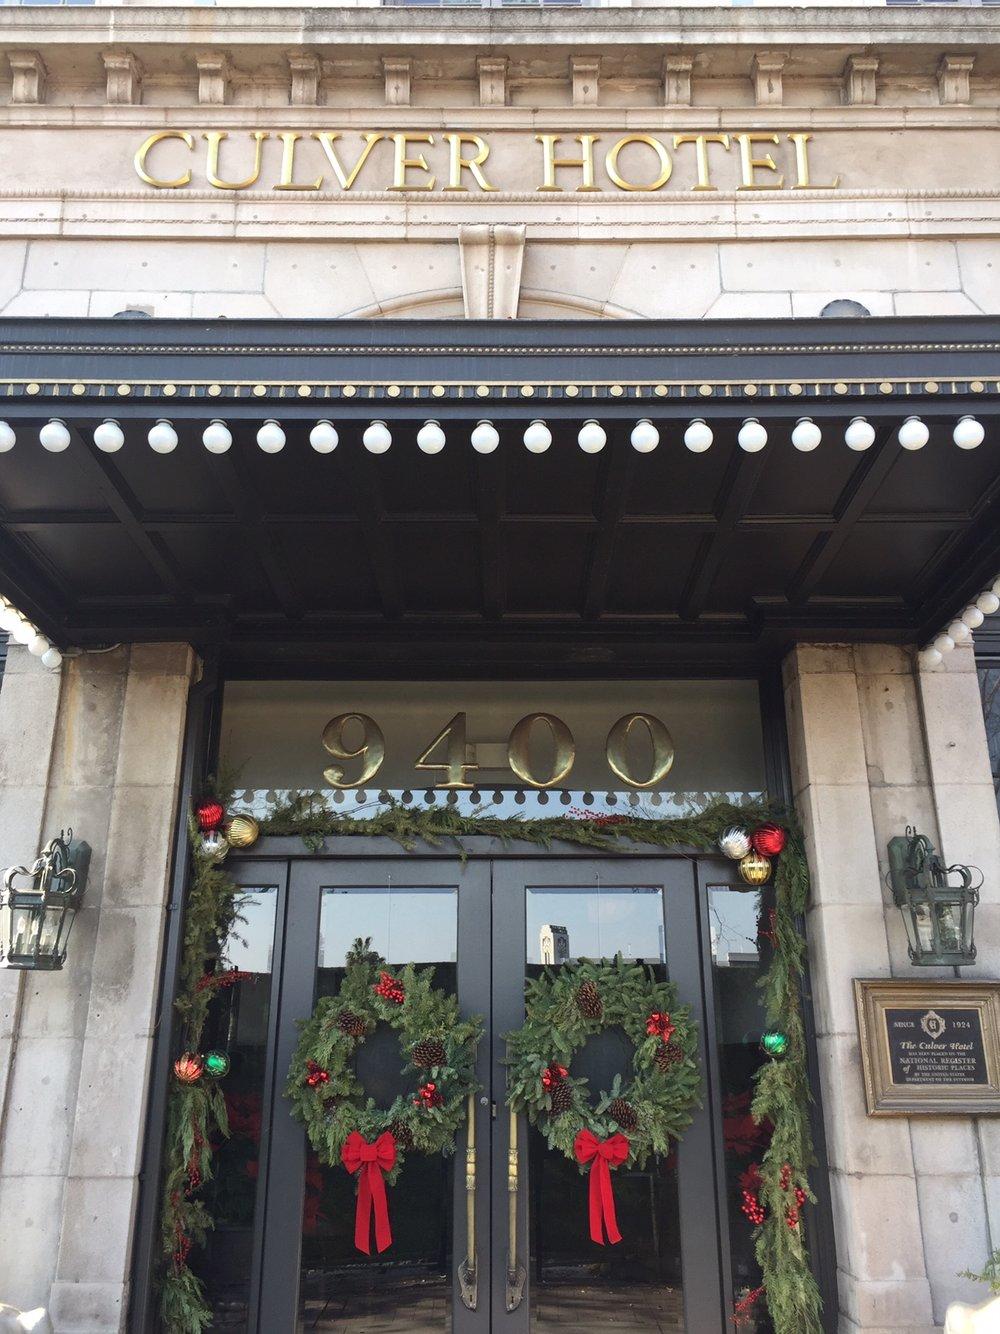 The Culver Hotel - Los Angeles